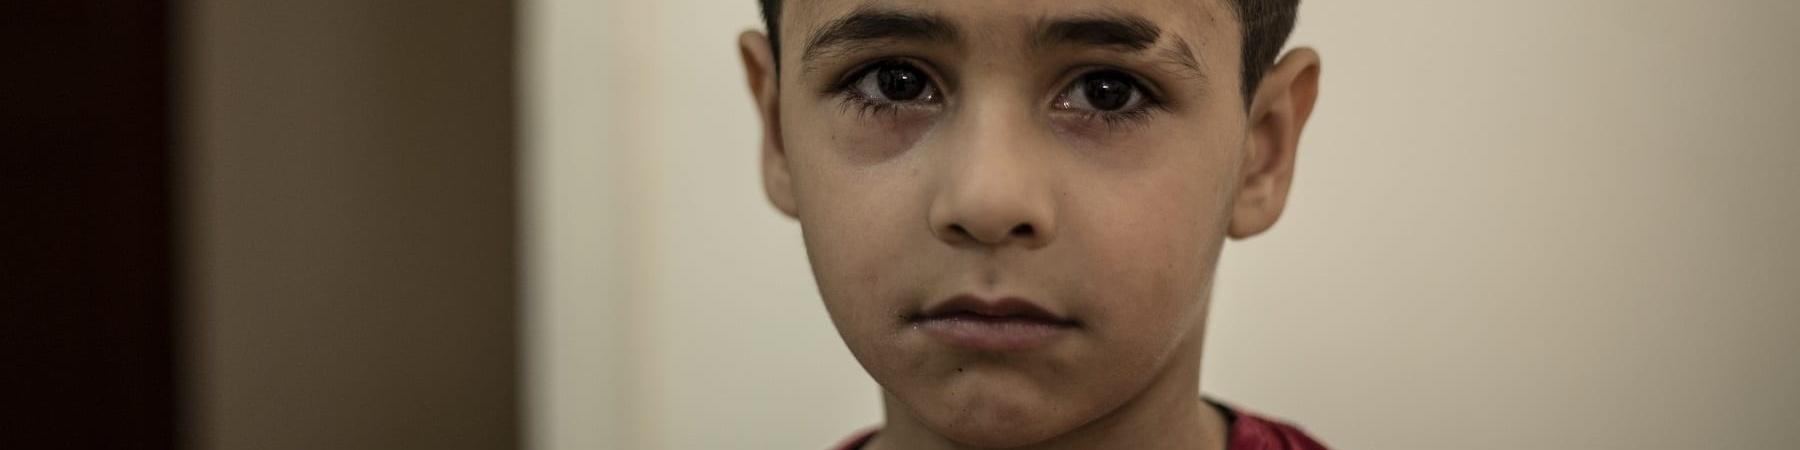 Primo piano ritratto di un bambino di circa sei anni libanese. Ha capelli corti, occhi e capelli bruni. Indossa una maglietta rossa